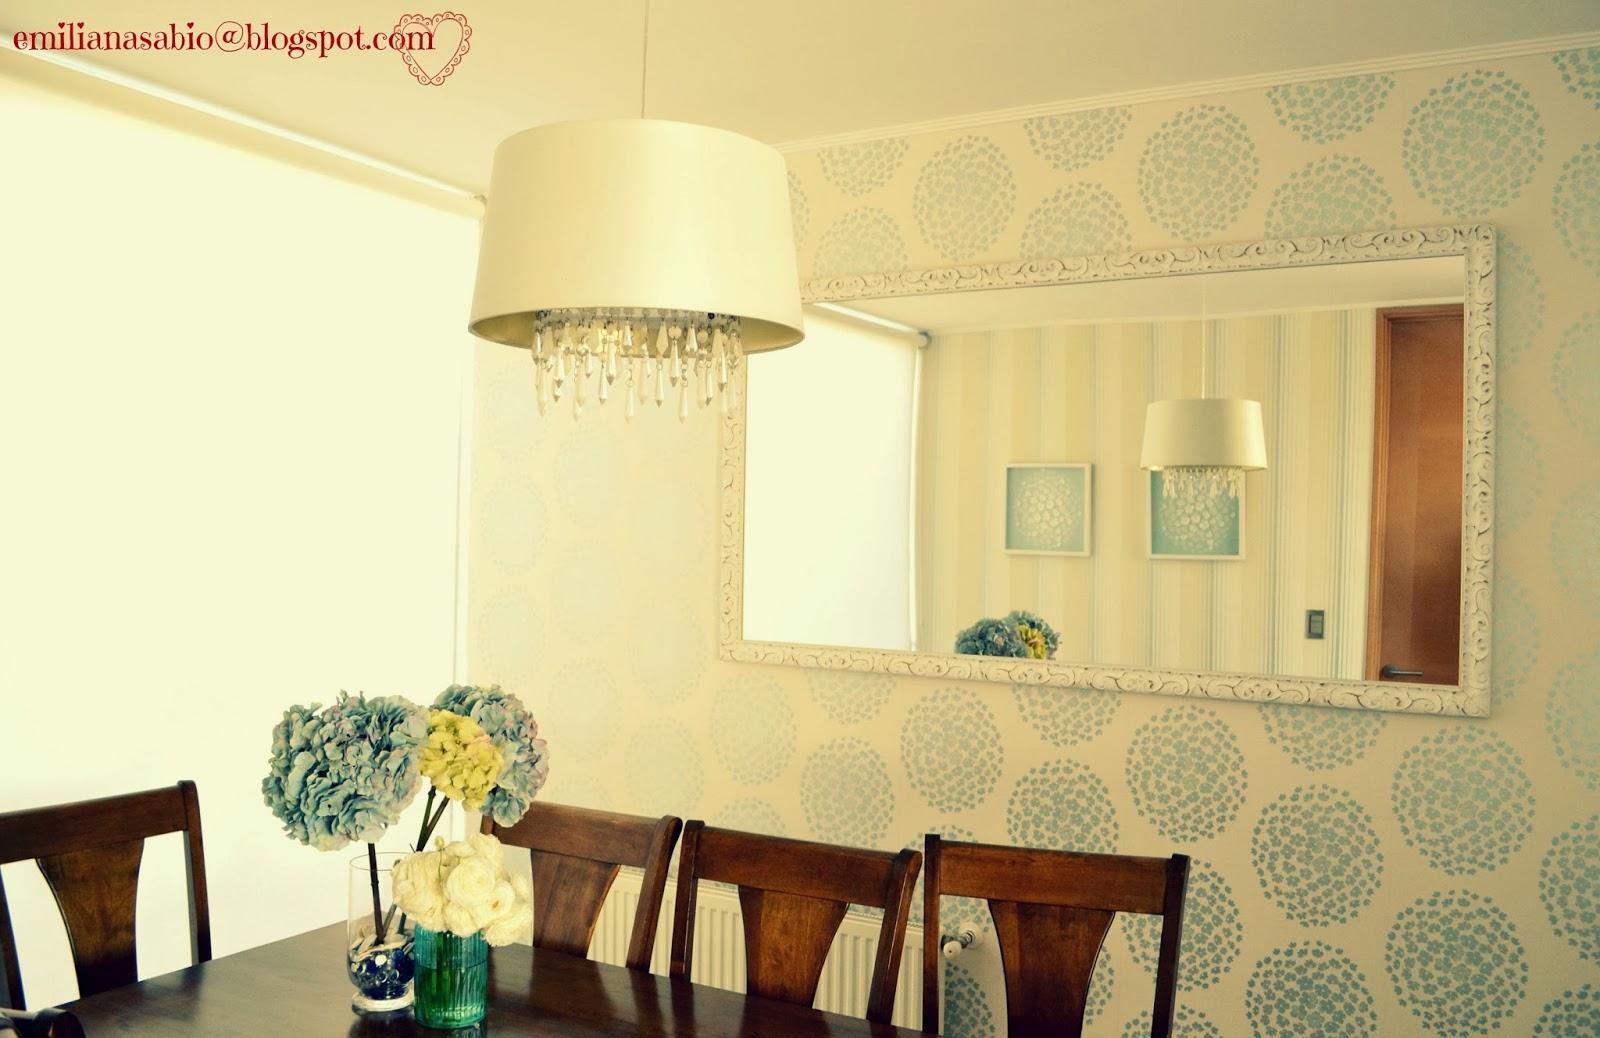 #AAA721 com o papel de parede que tenho na sala de jantar o papel de parede é 1600x1038 píxeis em Decoração De Sala De Jantar Com Papel De Parede E Espelho